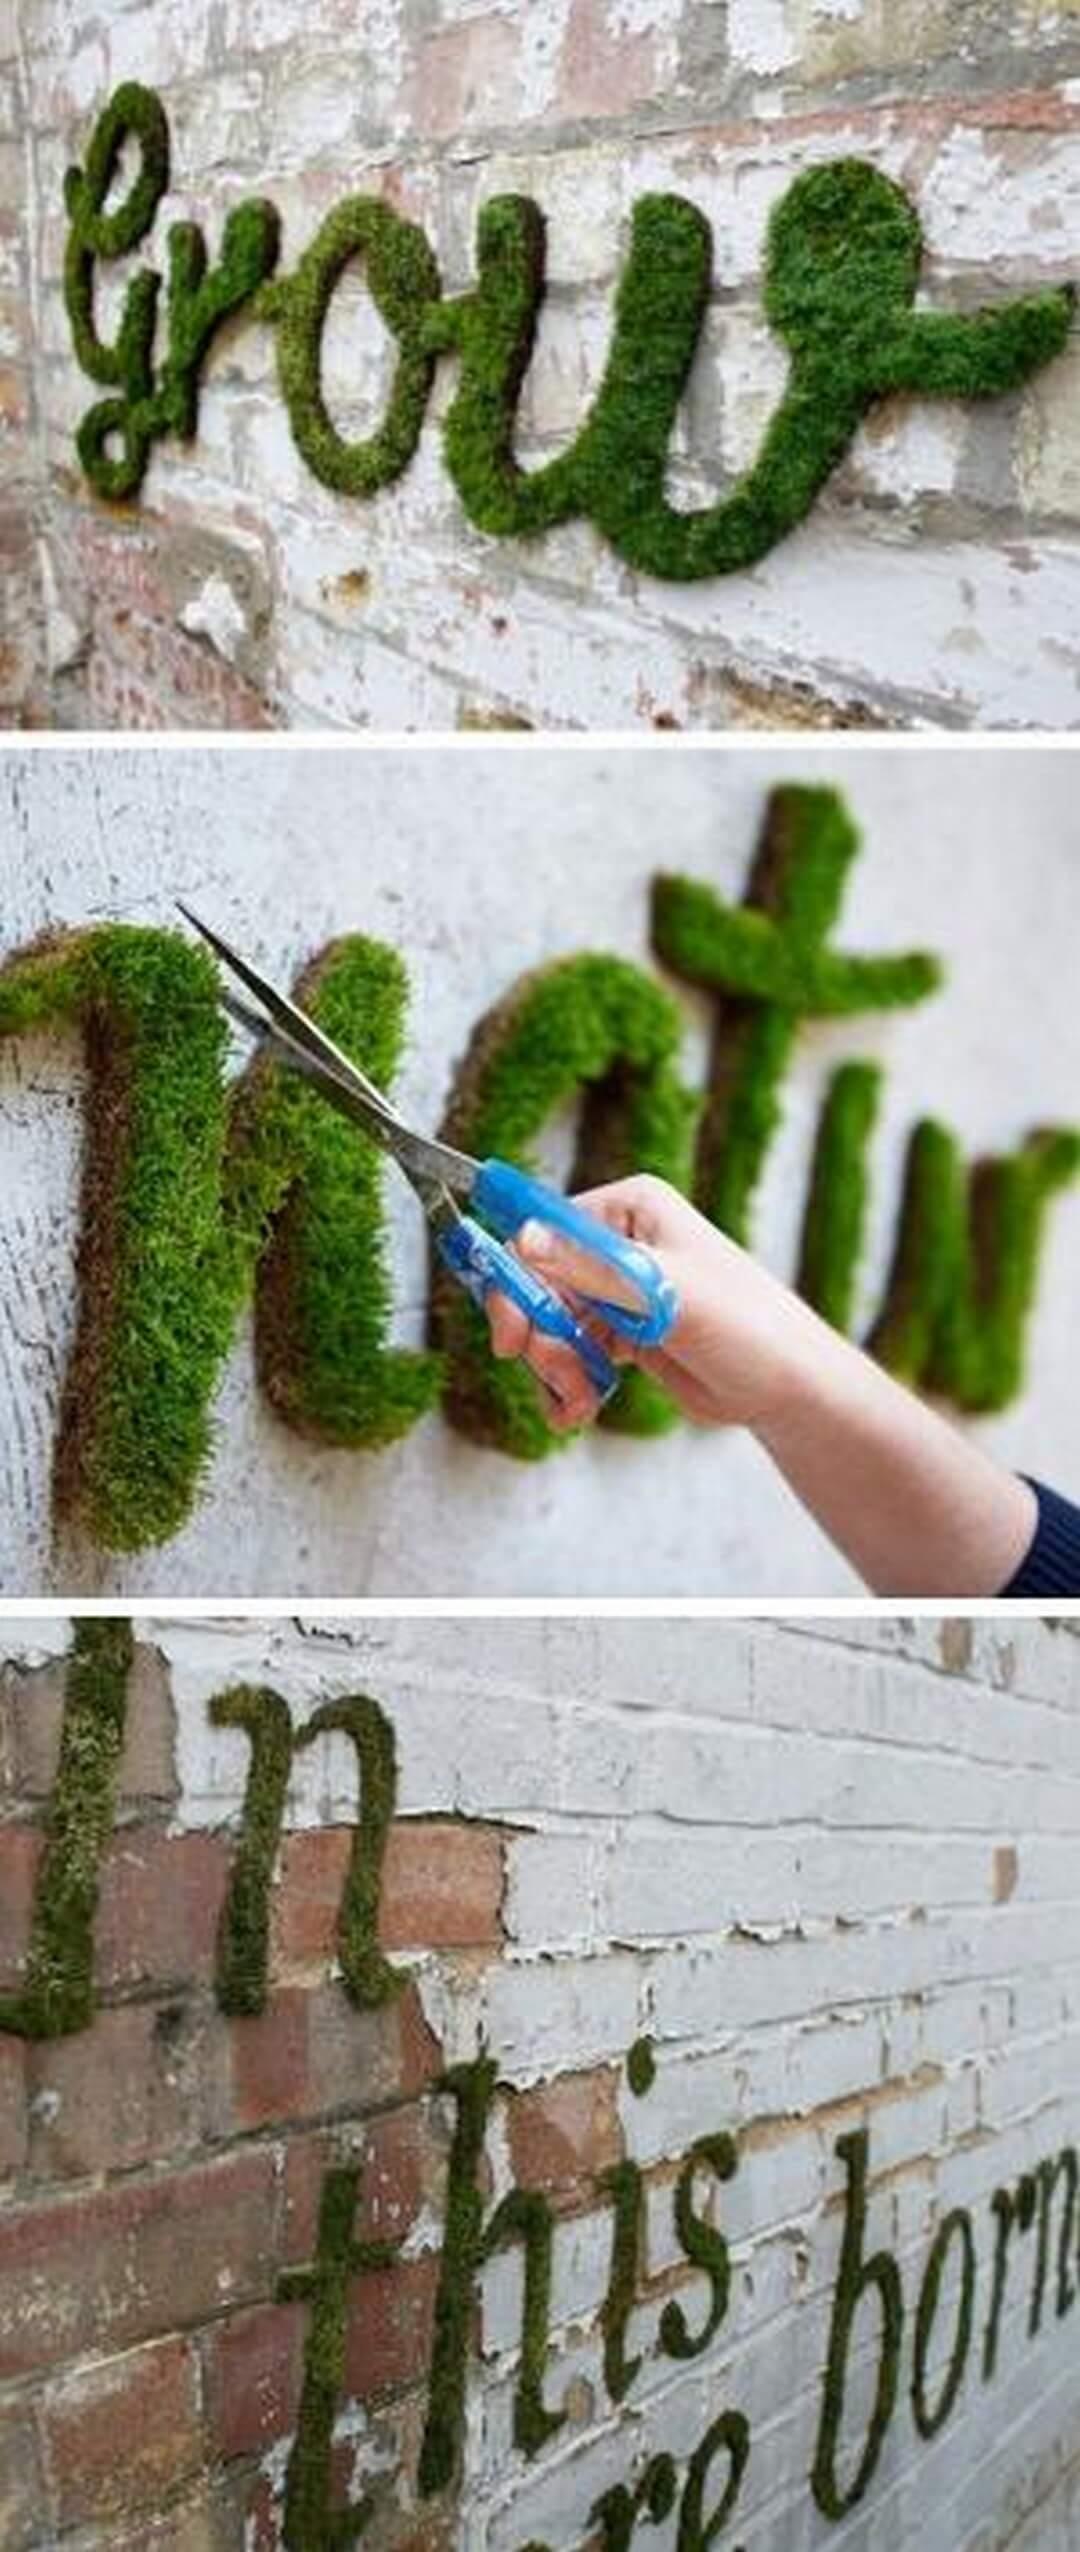 Idée unique de signe de jardin avec de la mousse